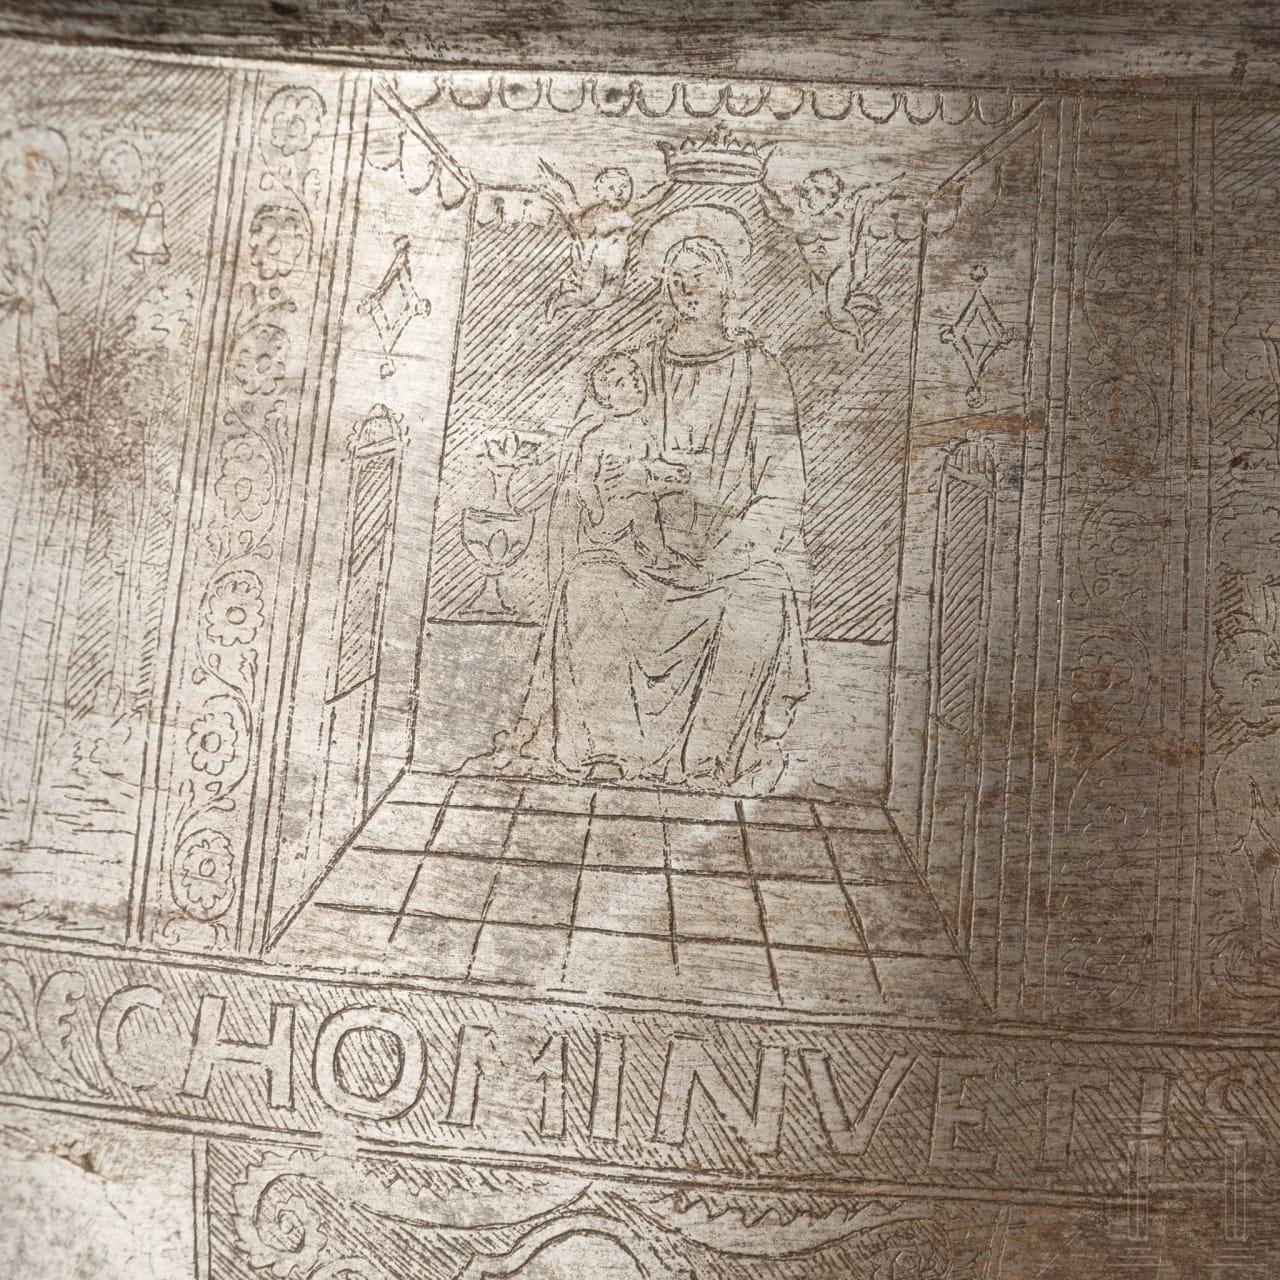 Knechtische Harnischbrust mit späterem Ätzdekor, deutsch, um 1510